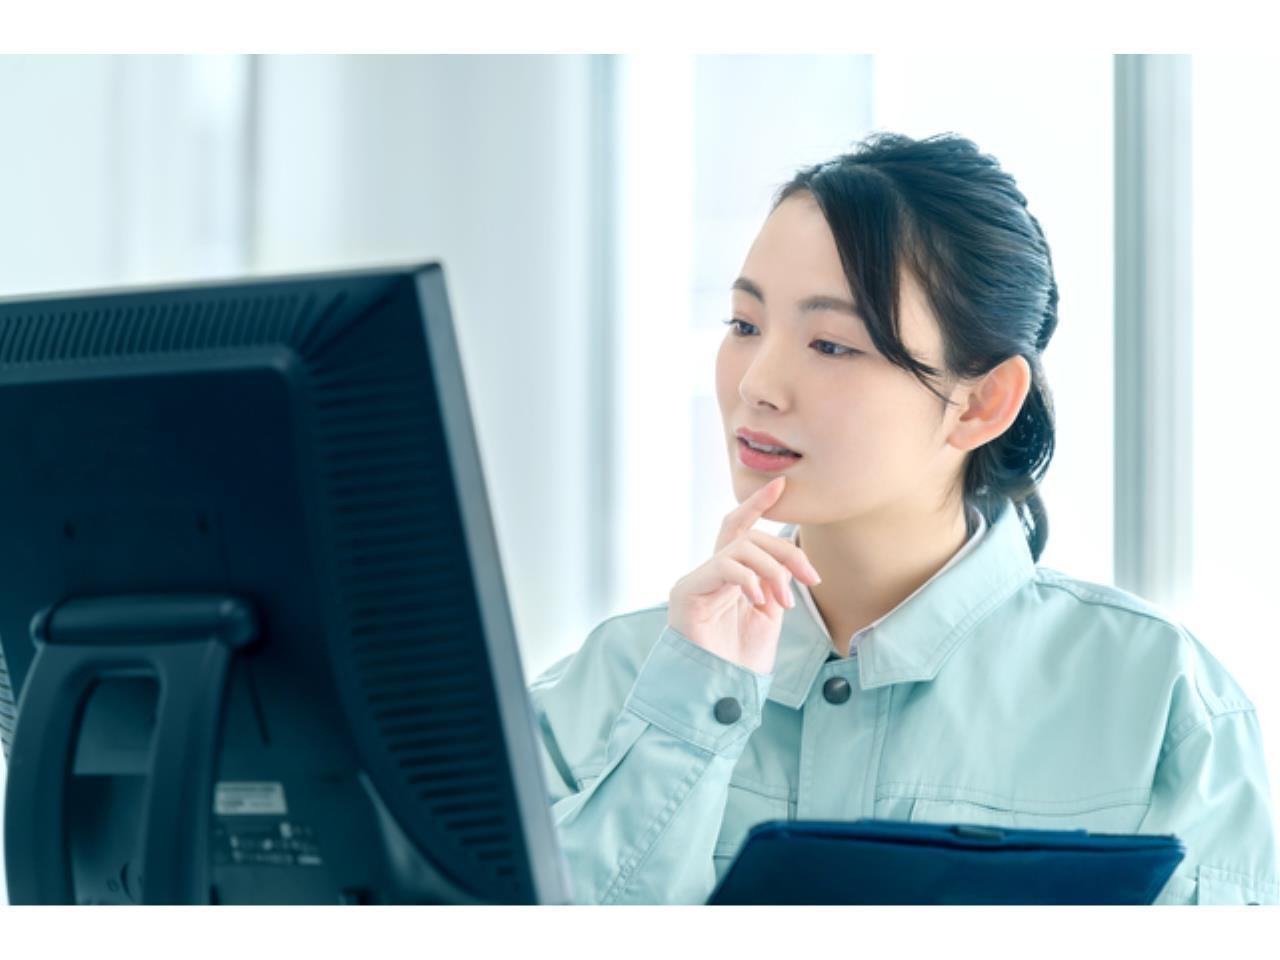 社員採用実績あり!部品の在庫管理と入力業務